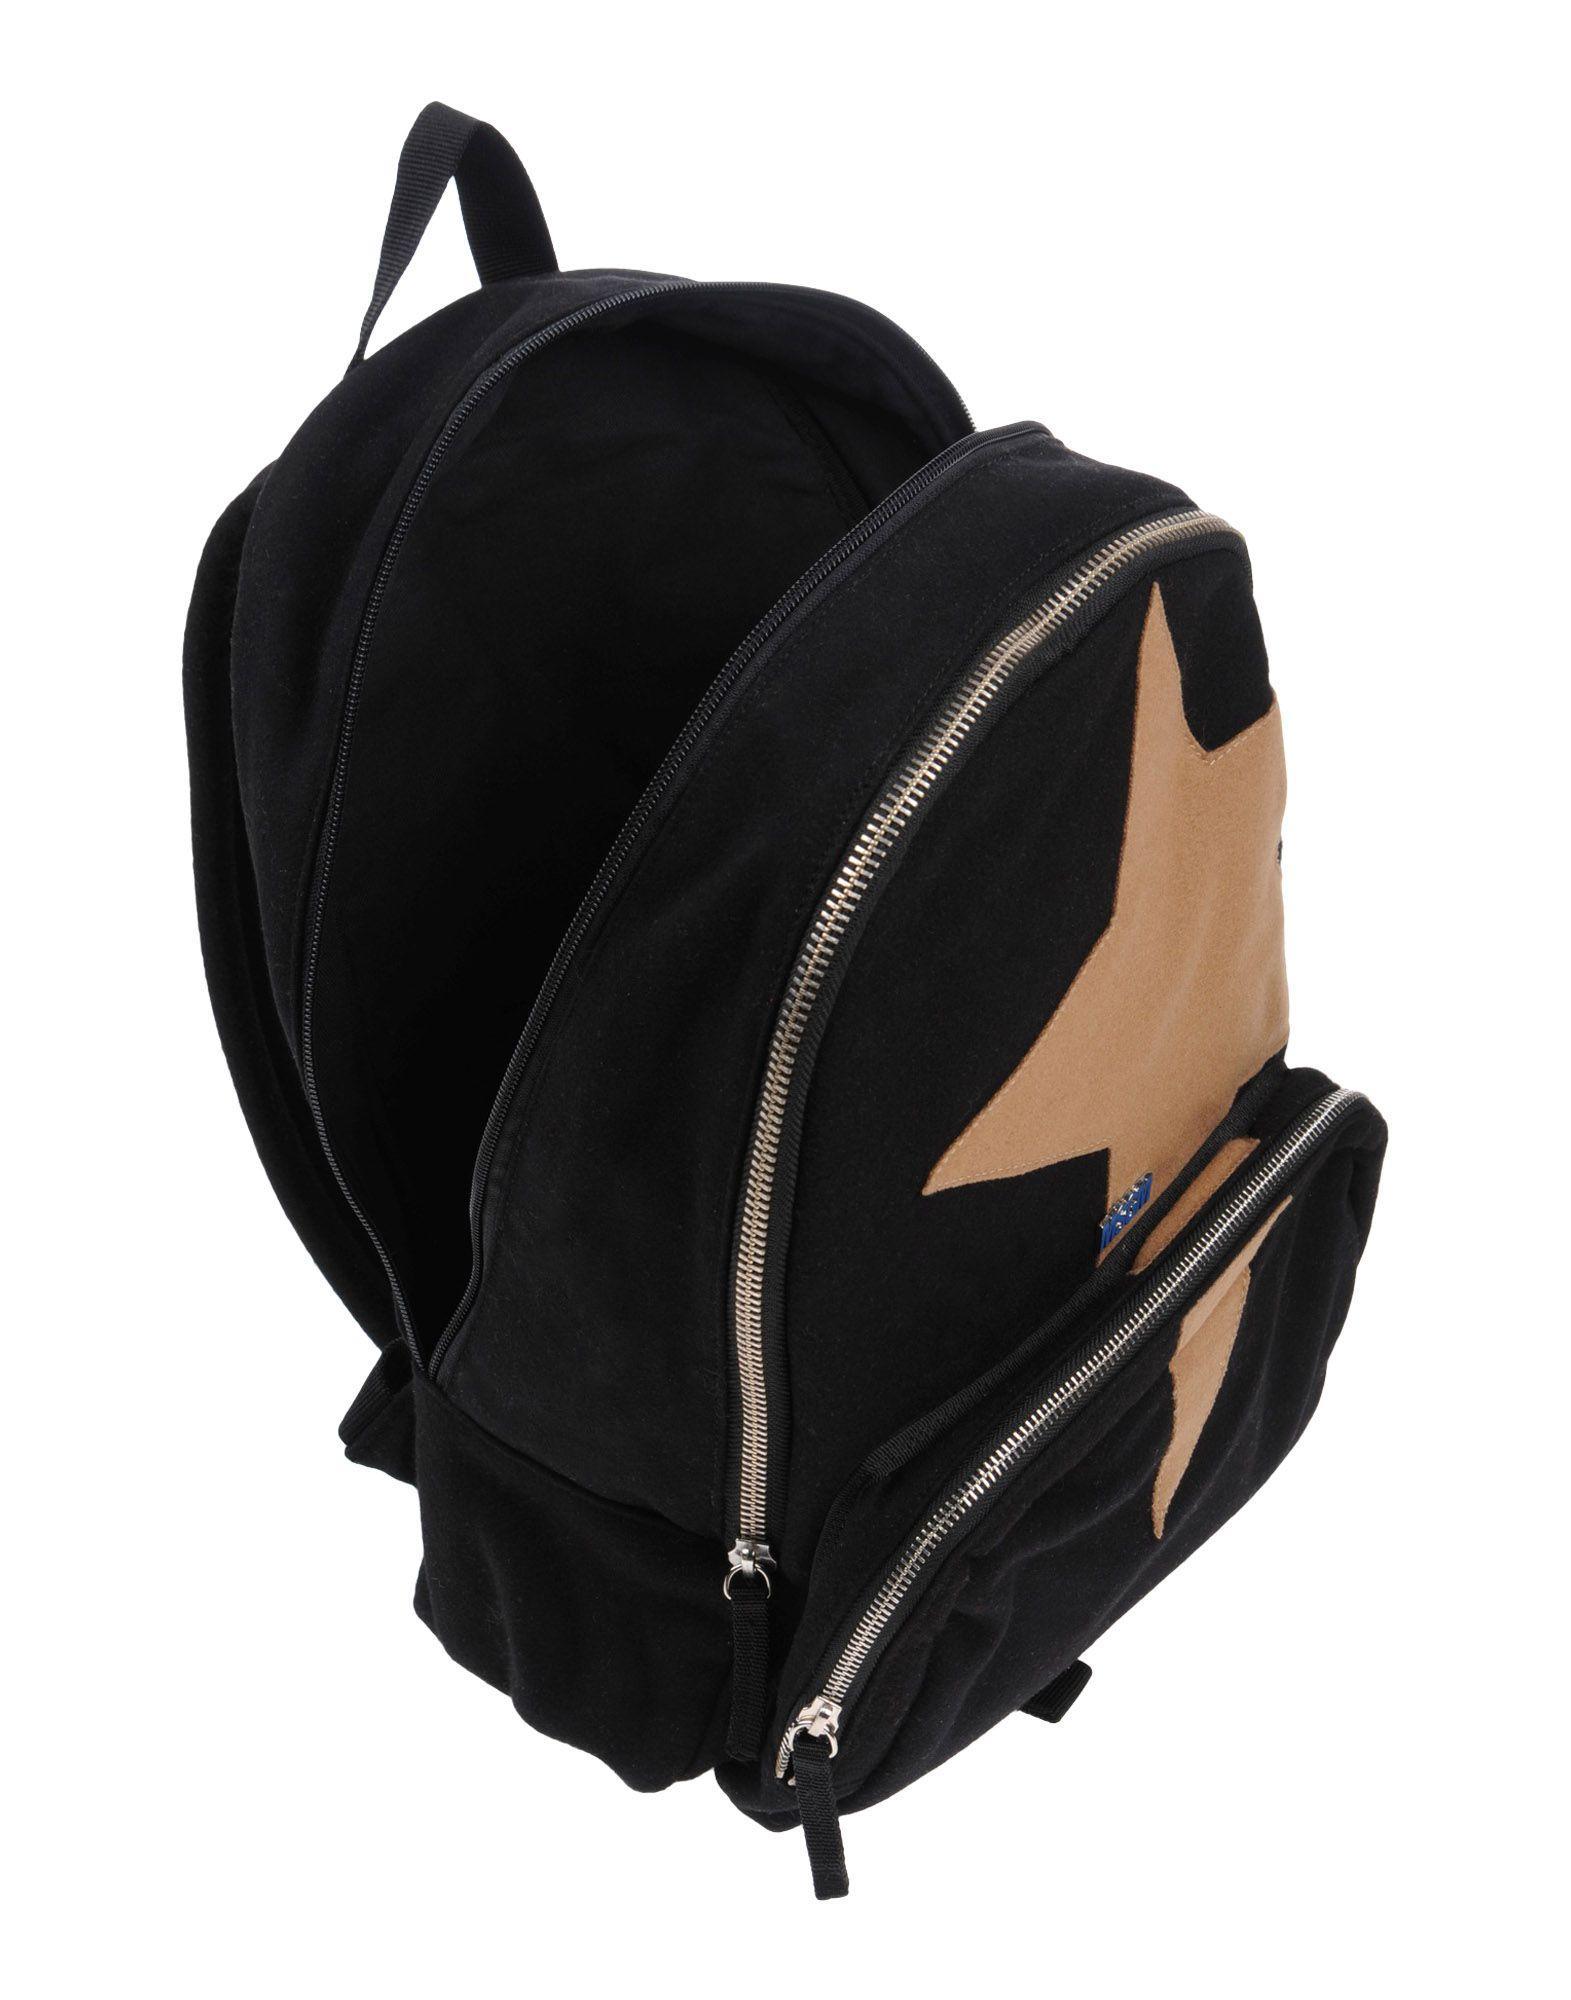 MSGM Backpacks & Fanny Packs in Black for Men